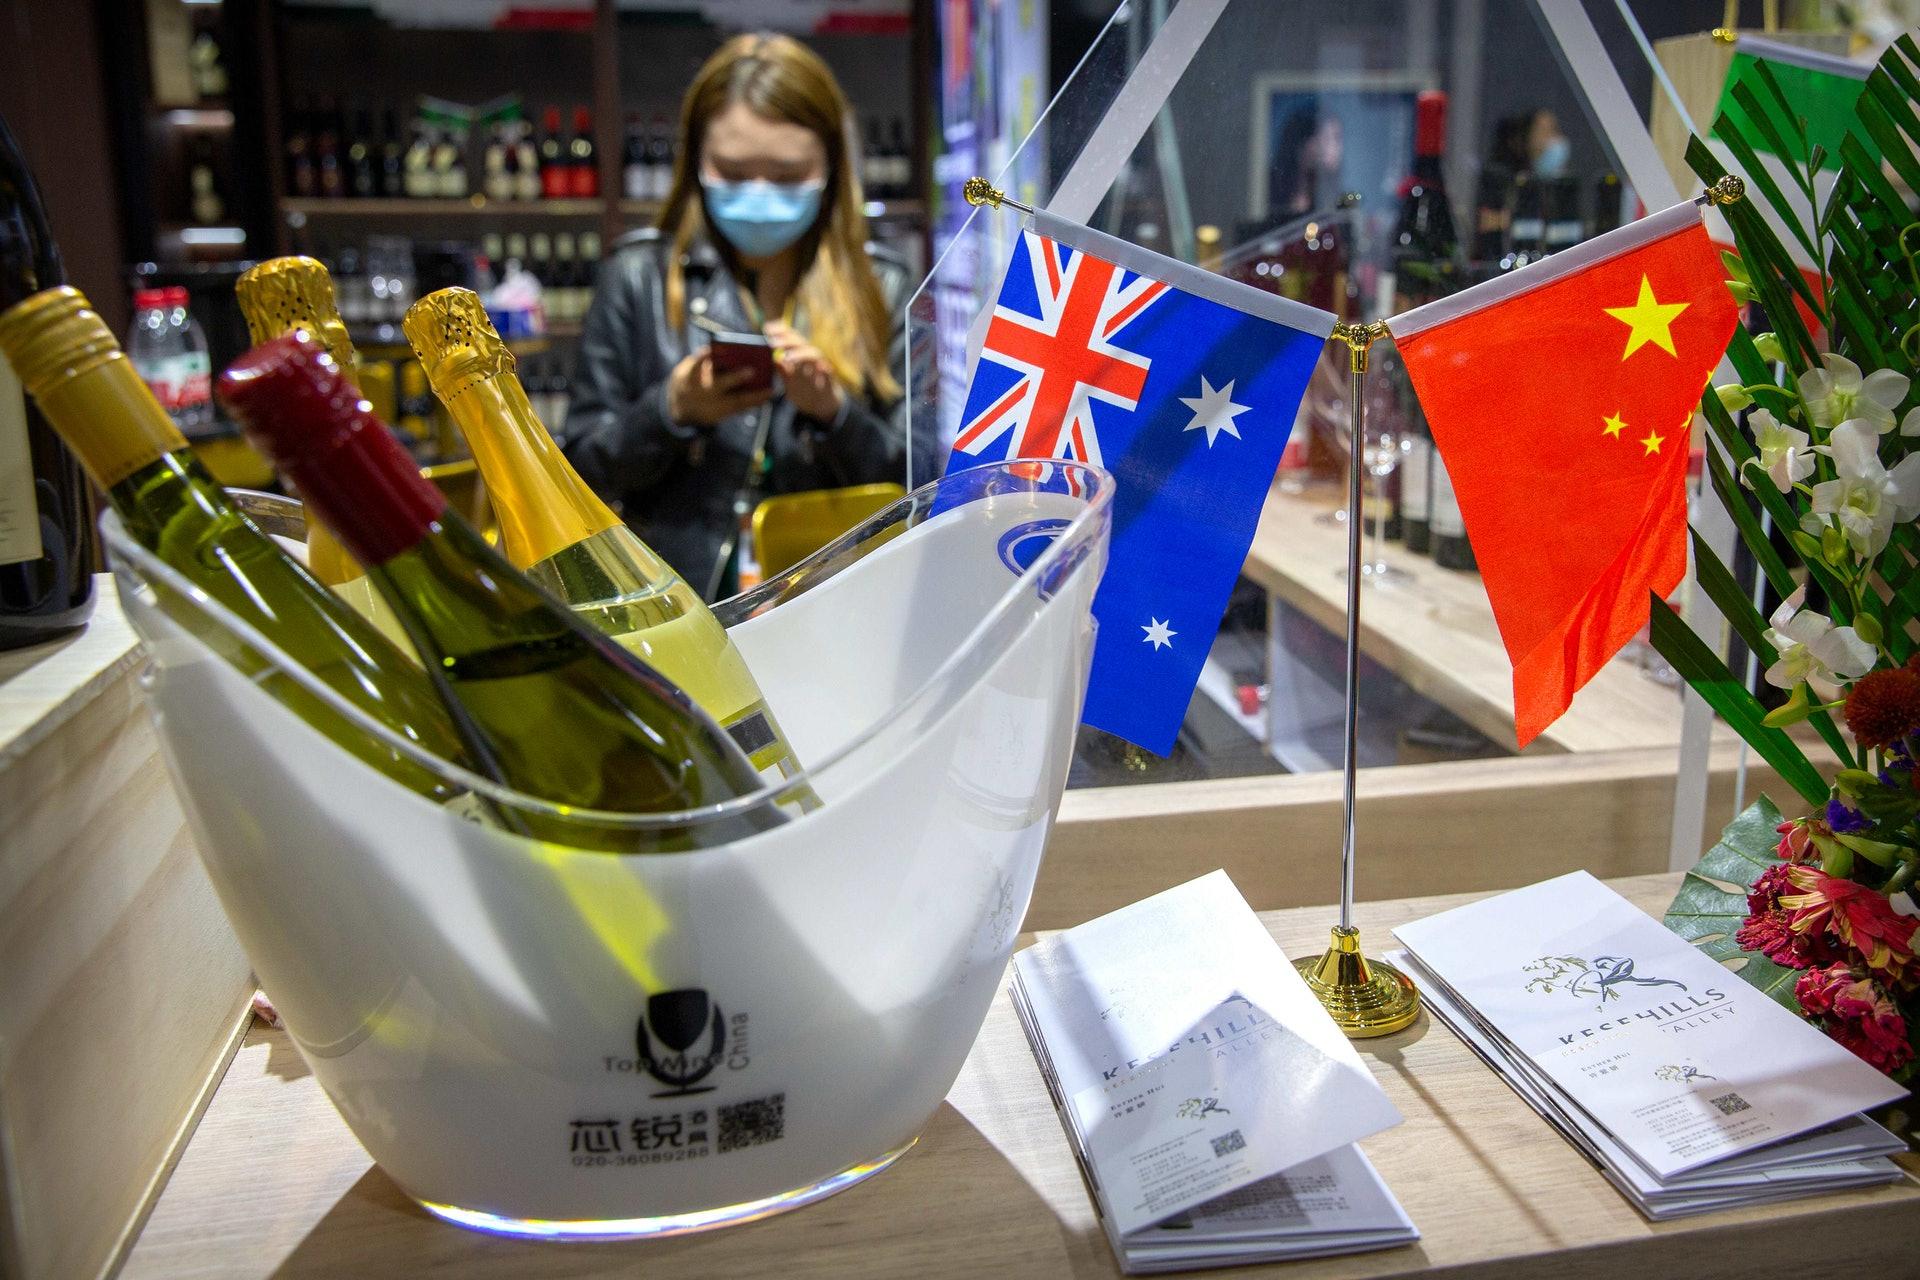 2020年11月5日,澳洲葡萄酒商出席在上海舉行的中國國際進口博覽會。(AP)